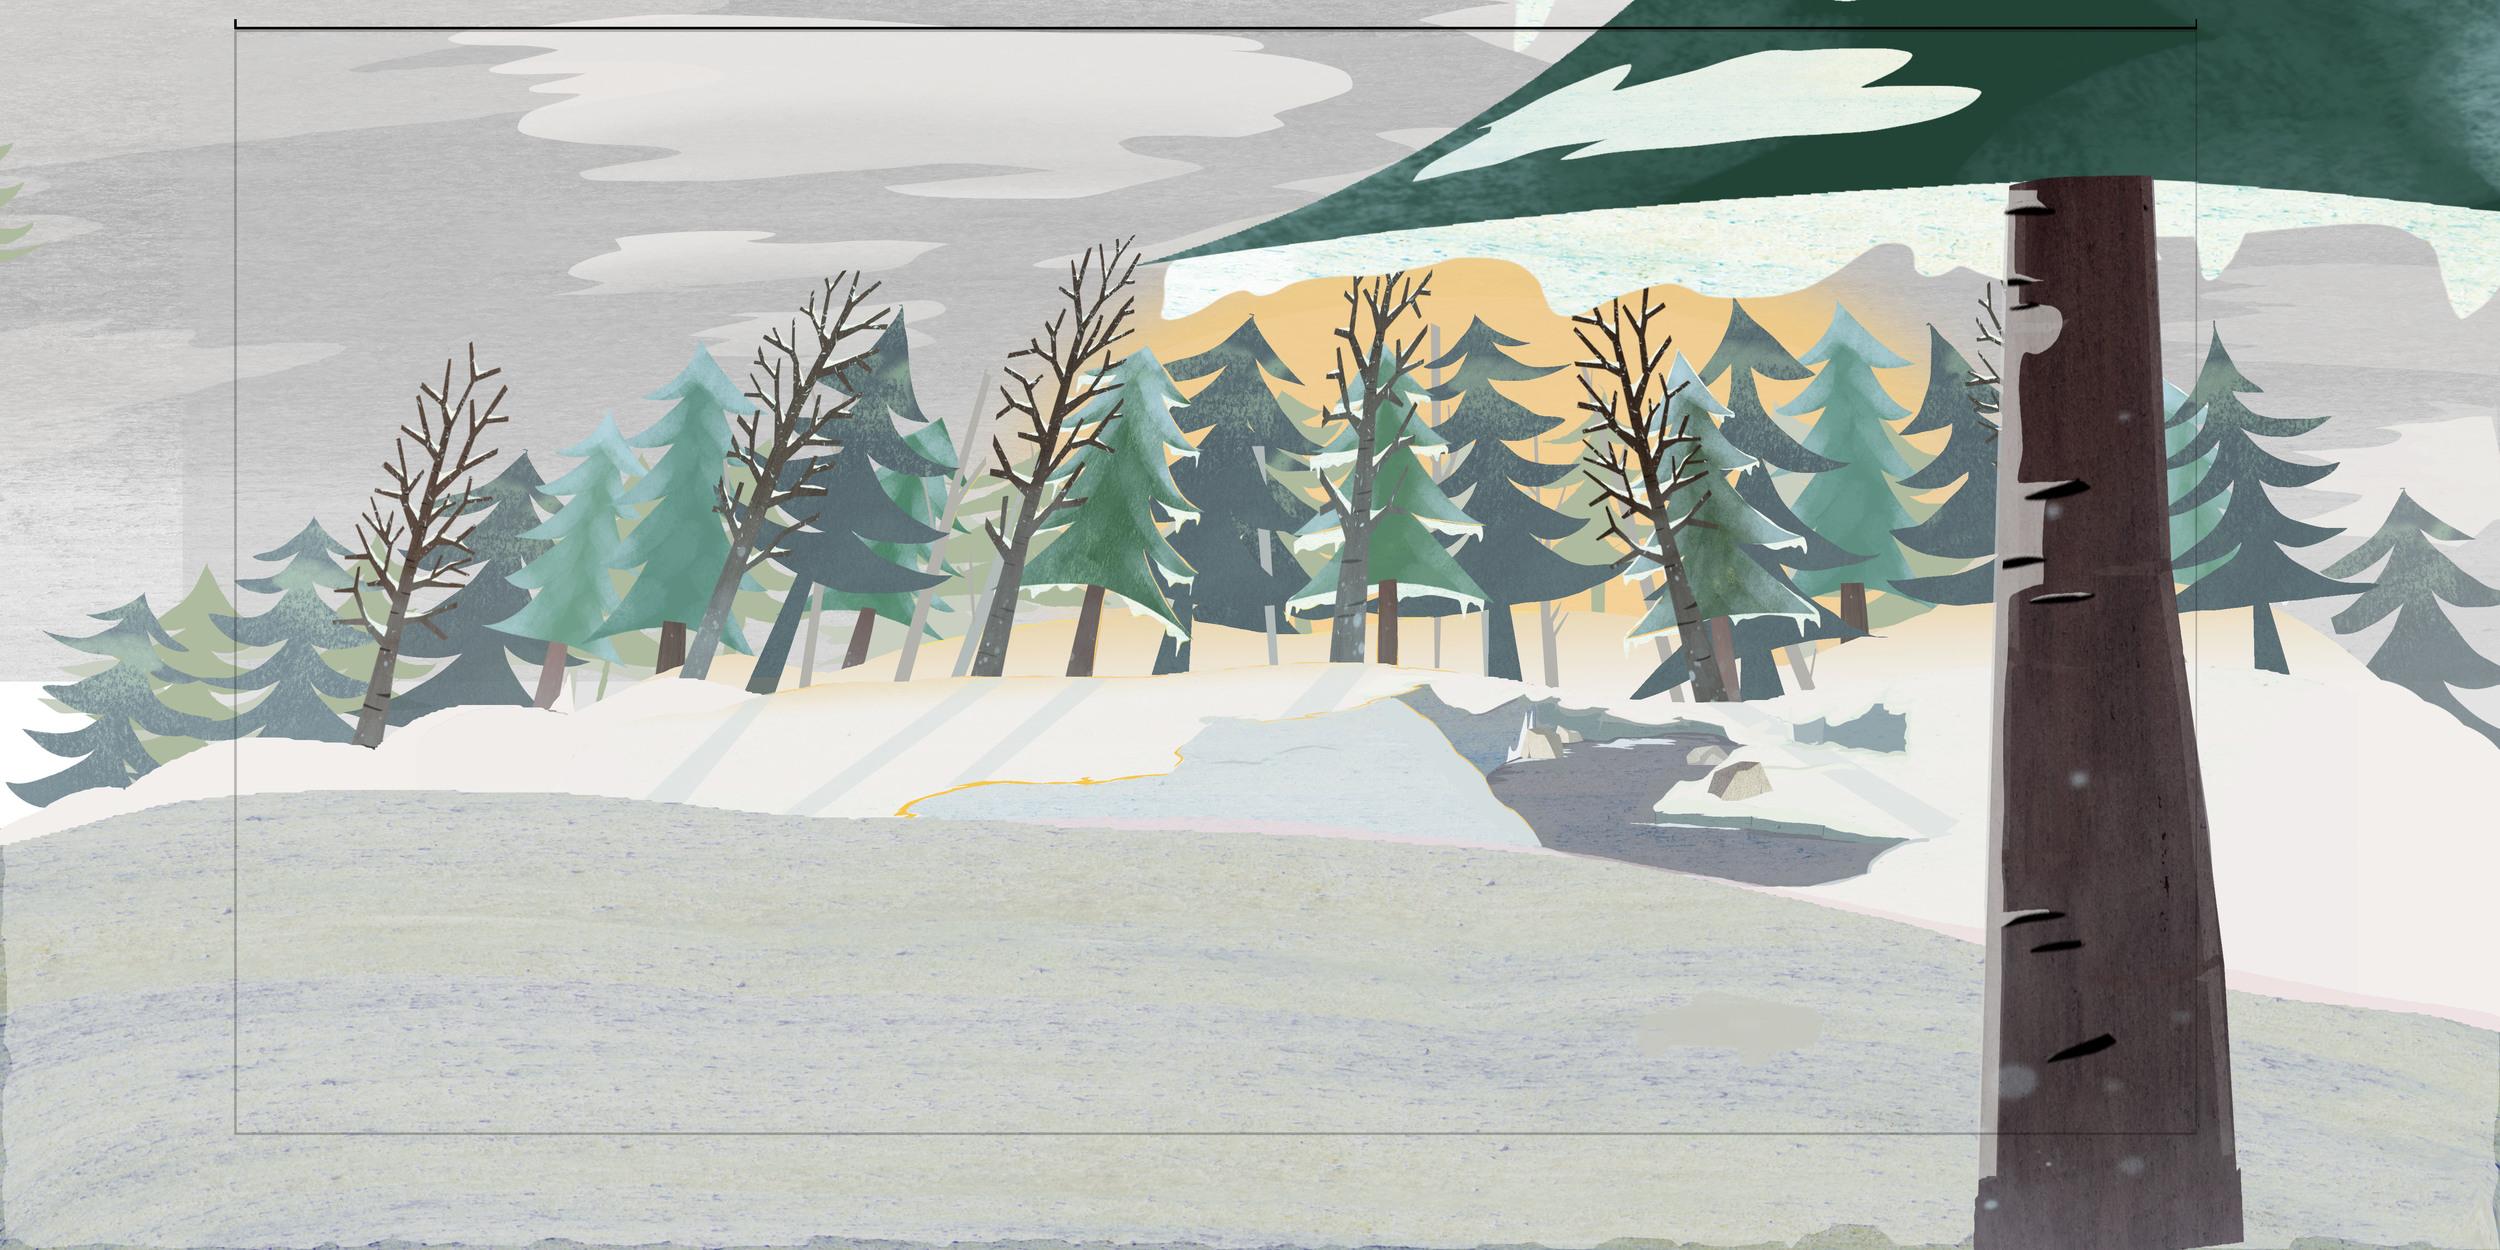 Winter_S04_Sc16_DAY(Shira).jpg